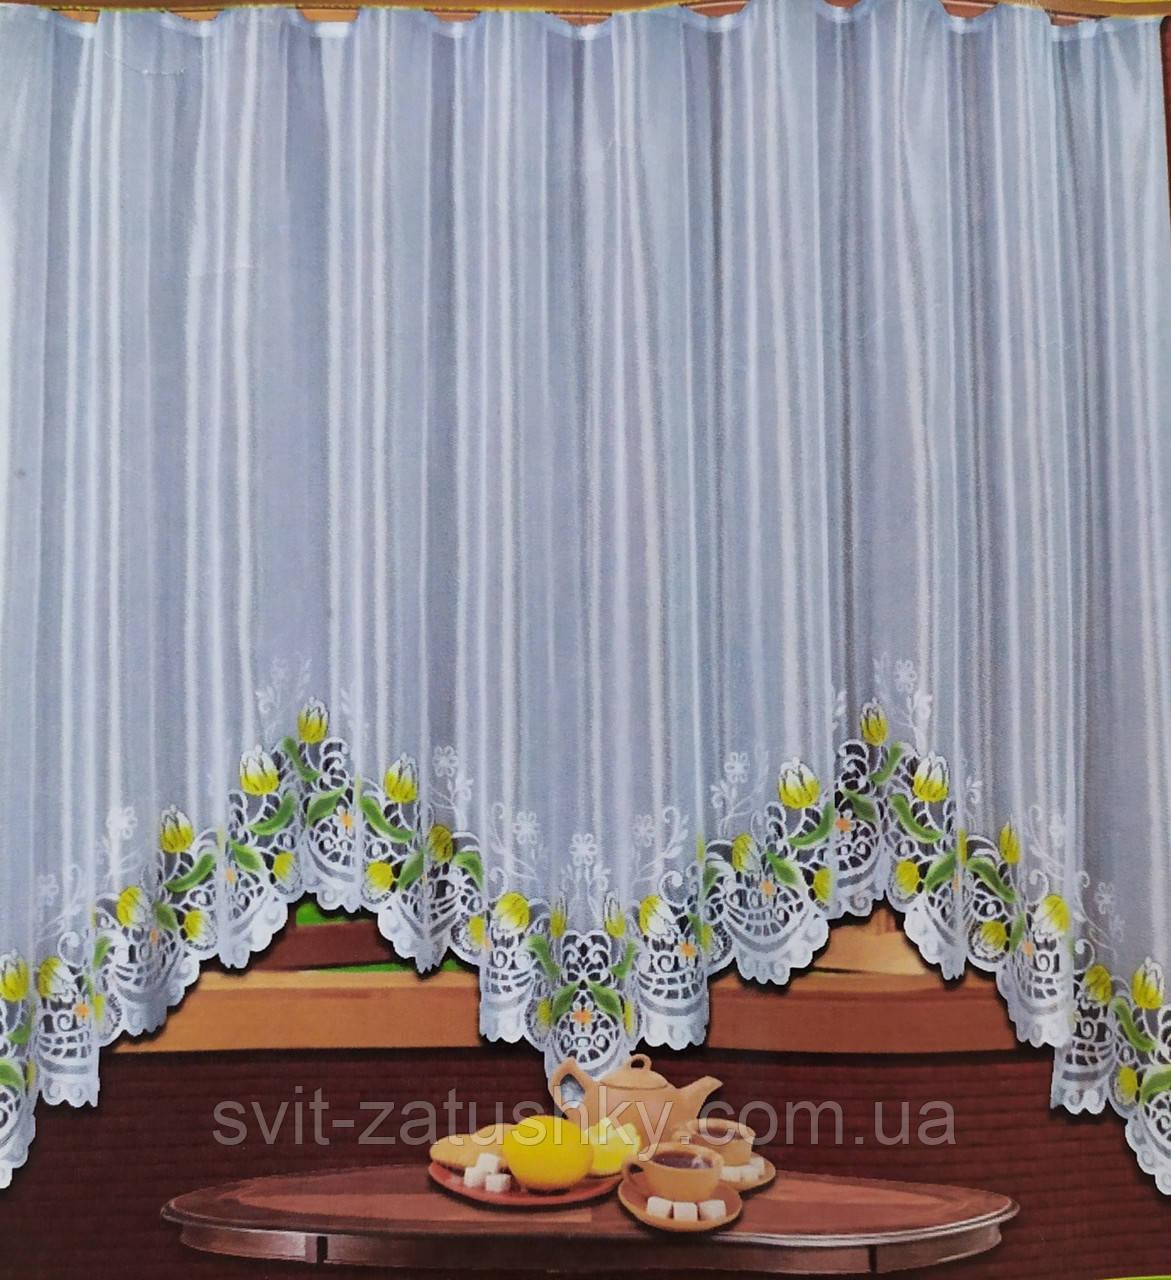 Готова біла штора арка з тюльпанами на кухню, столову, коридор.